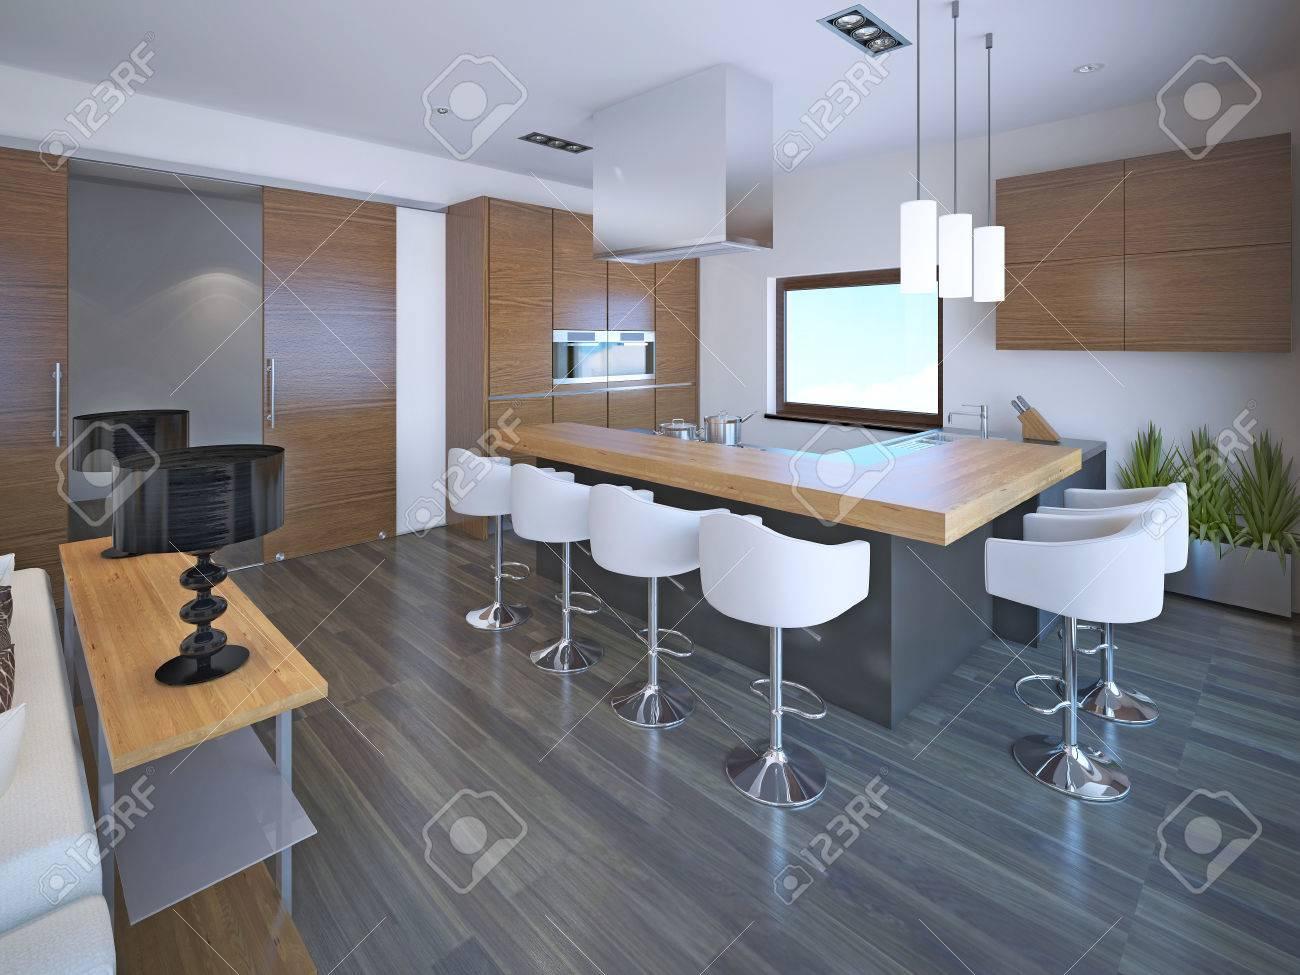 Licht L-förmige Küche Design In OntoArt Stil. Set Braun Zebrano ...